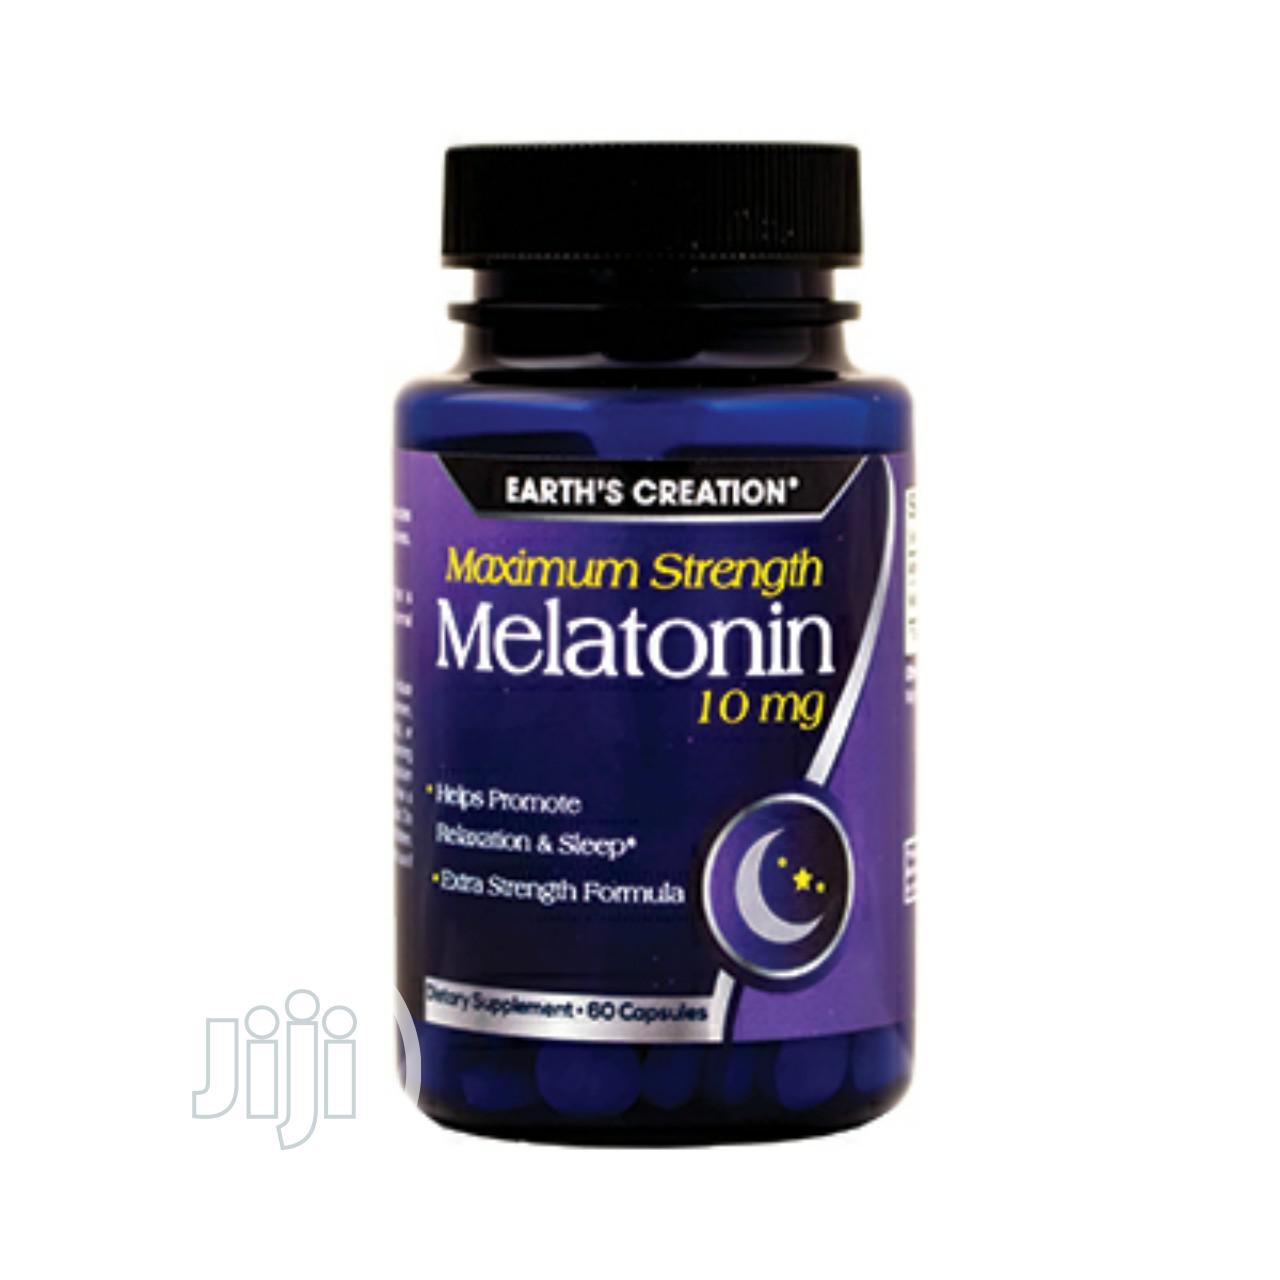 Earth'S Creation Melatonin